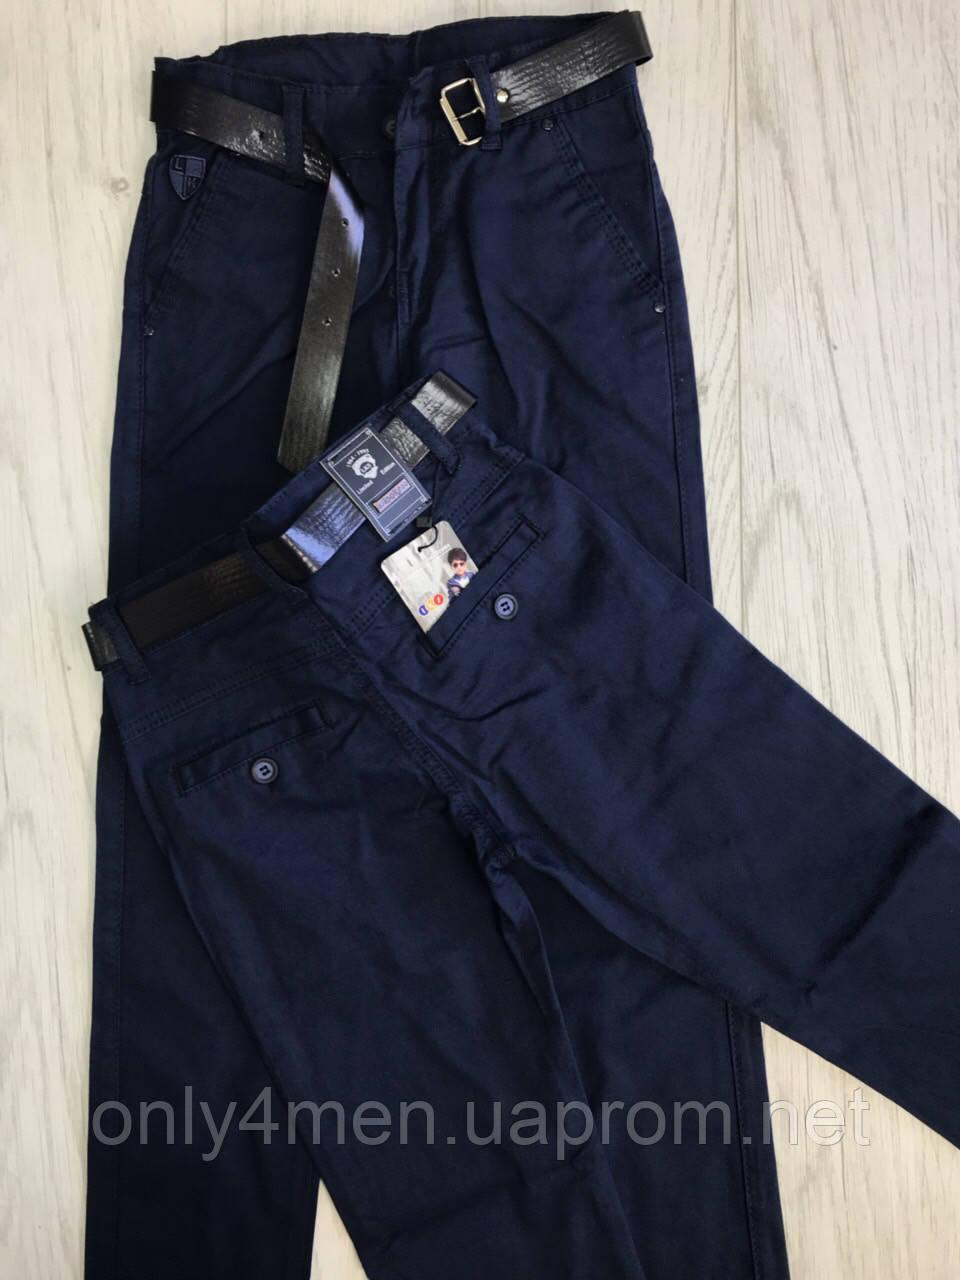 Детские штаны, одежда для мальчиков 128-152 см